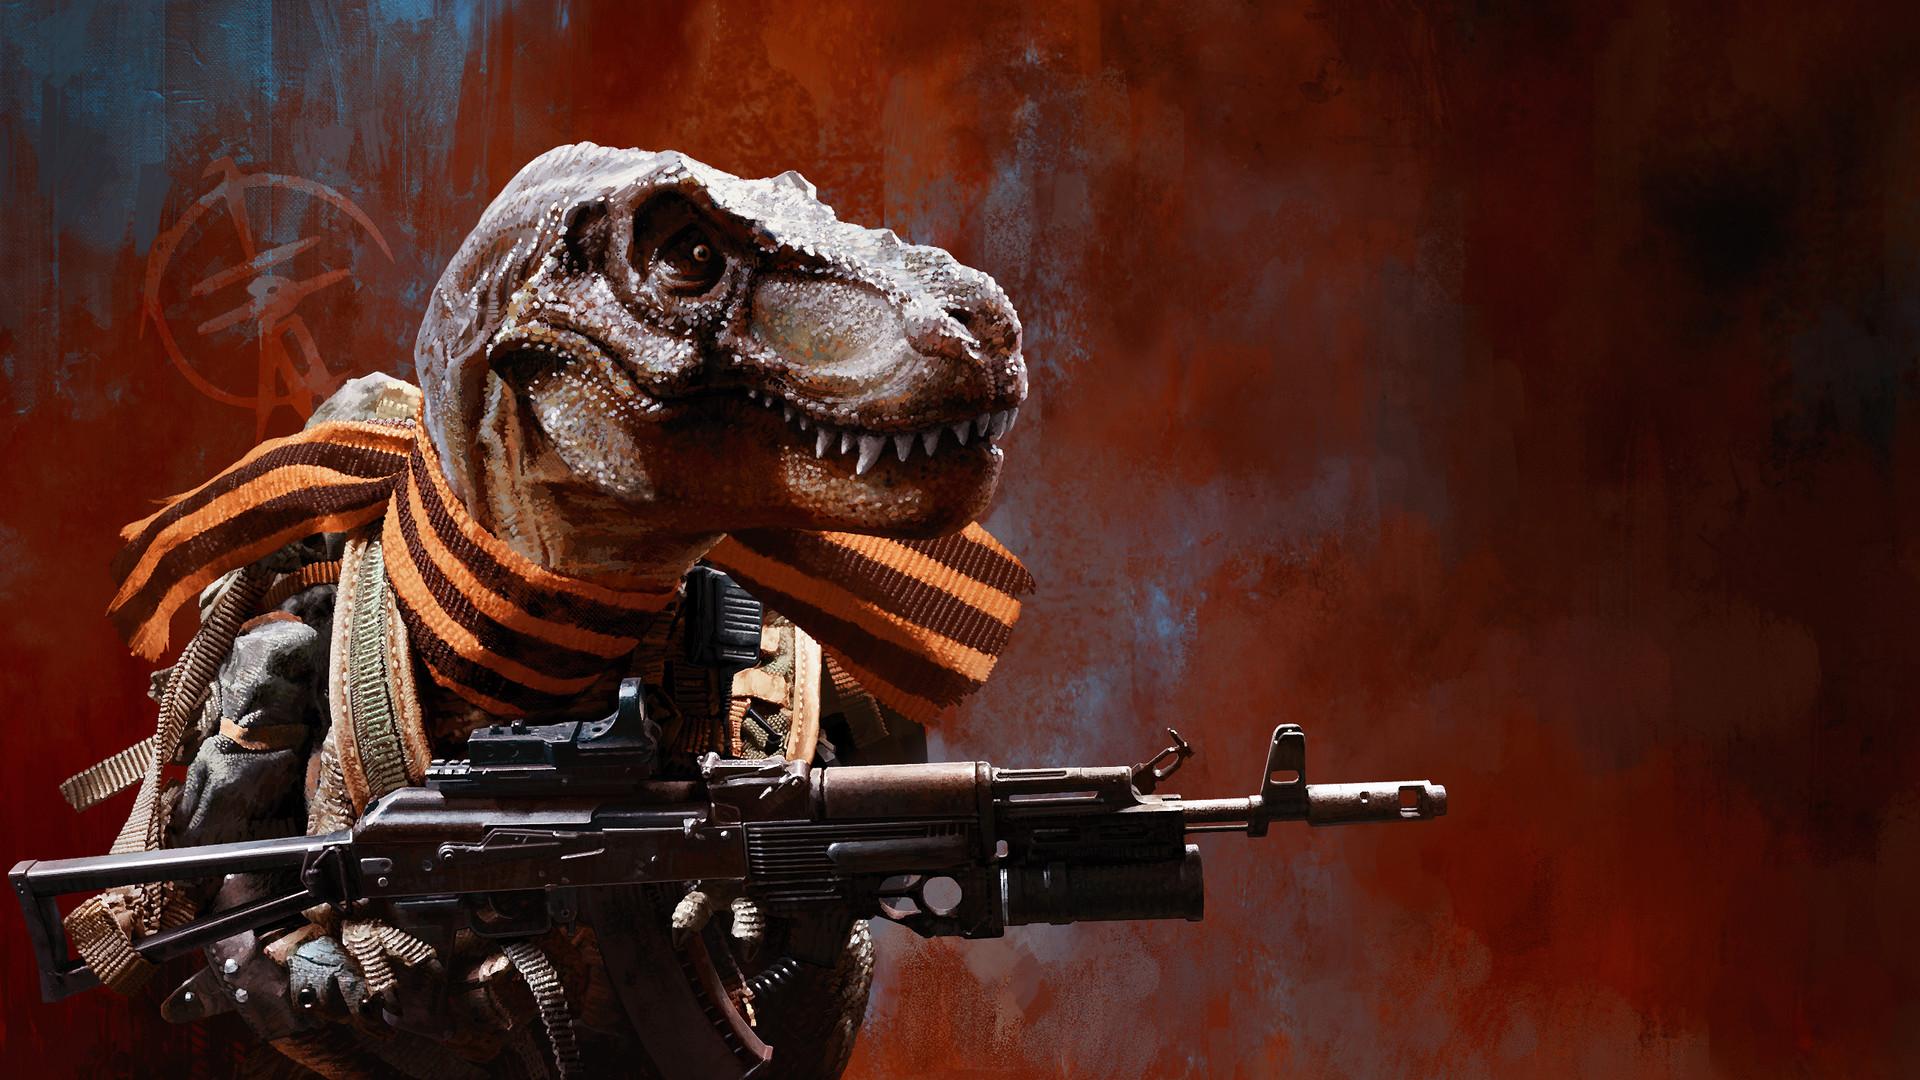 Yu vlad novikov rex